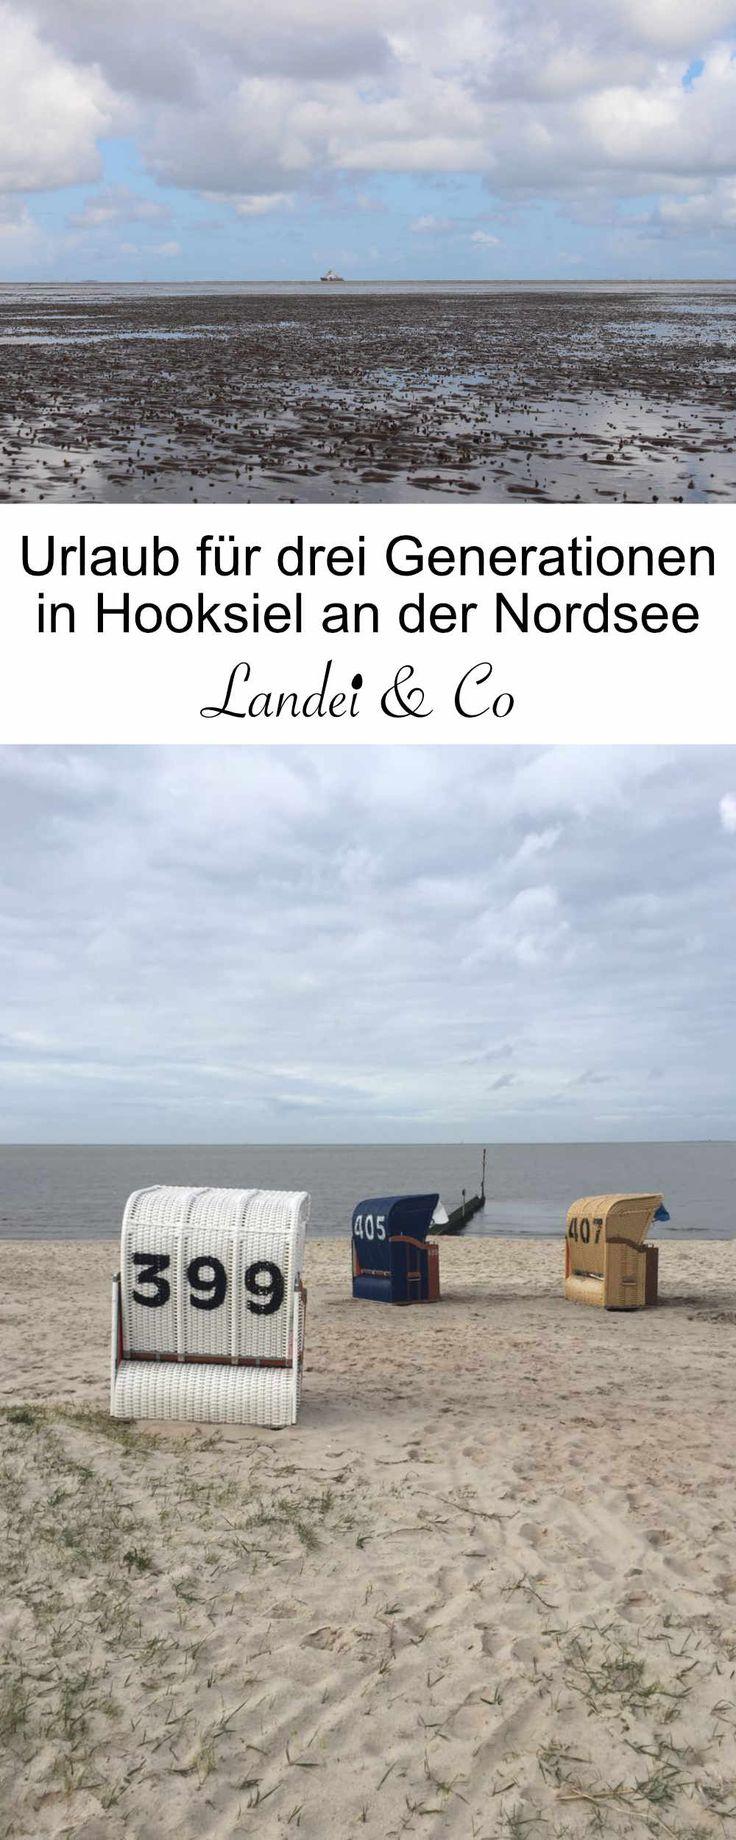 Ferien mit Kindern und Großeltern an der Nordsee! Hooksiel in Ostfriesland - Tipps und Ideen für Euren nächsten Urlaub!